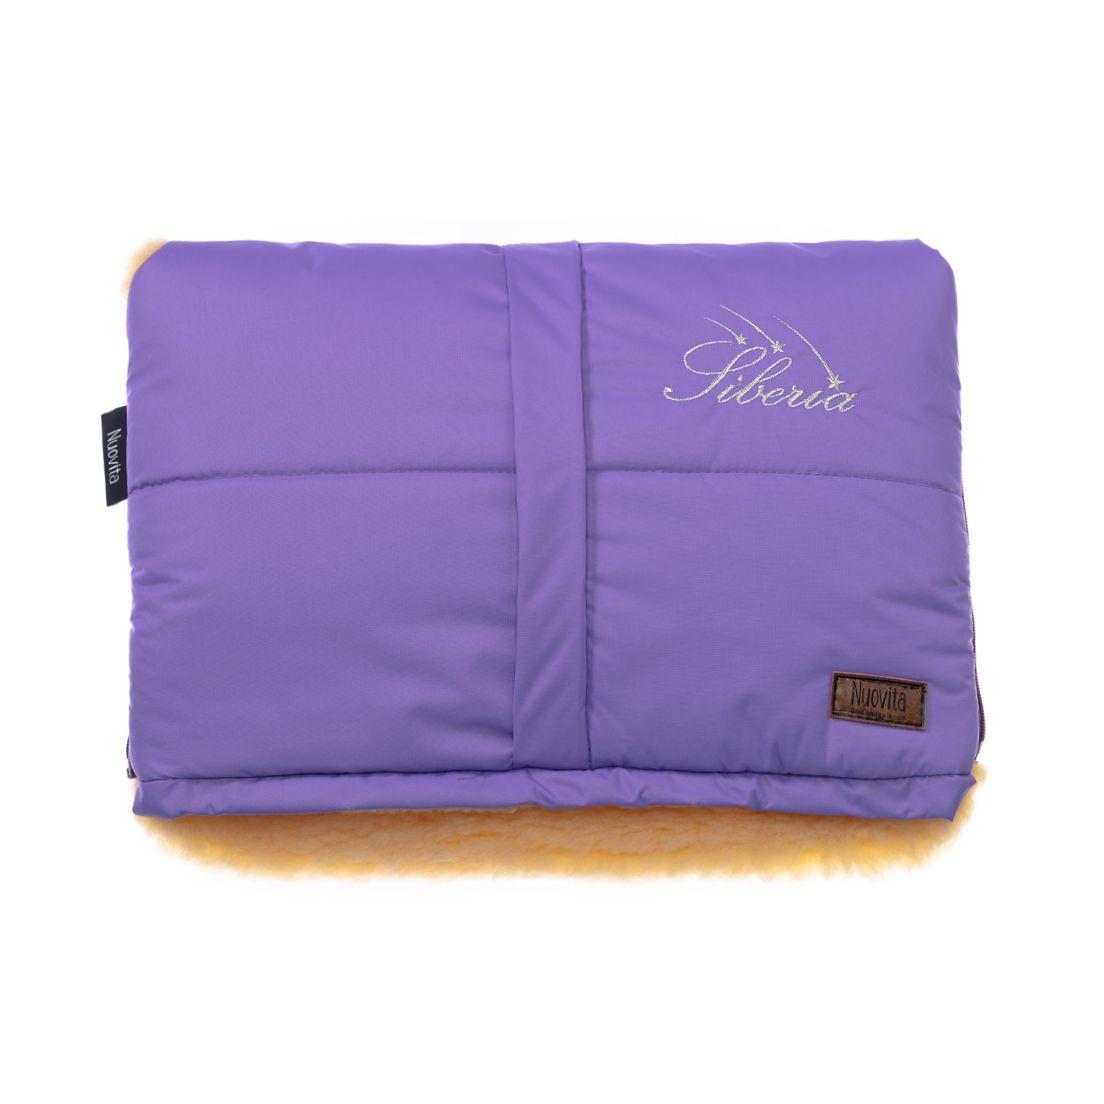 Муфта меховая для коляски Nuovita Siberia Pesco фиолетовый